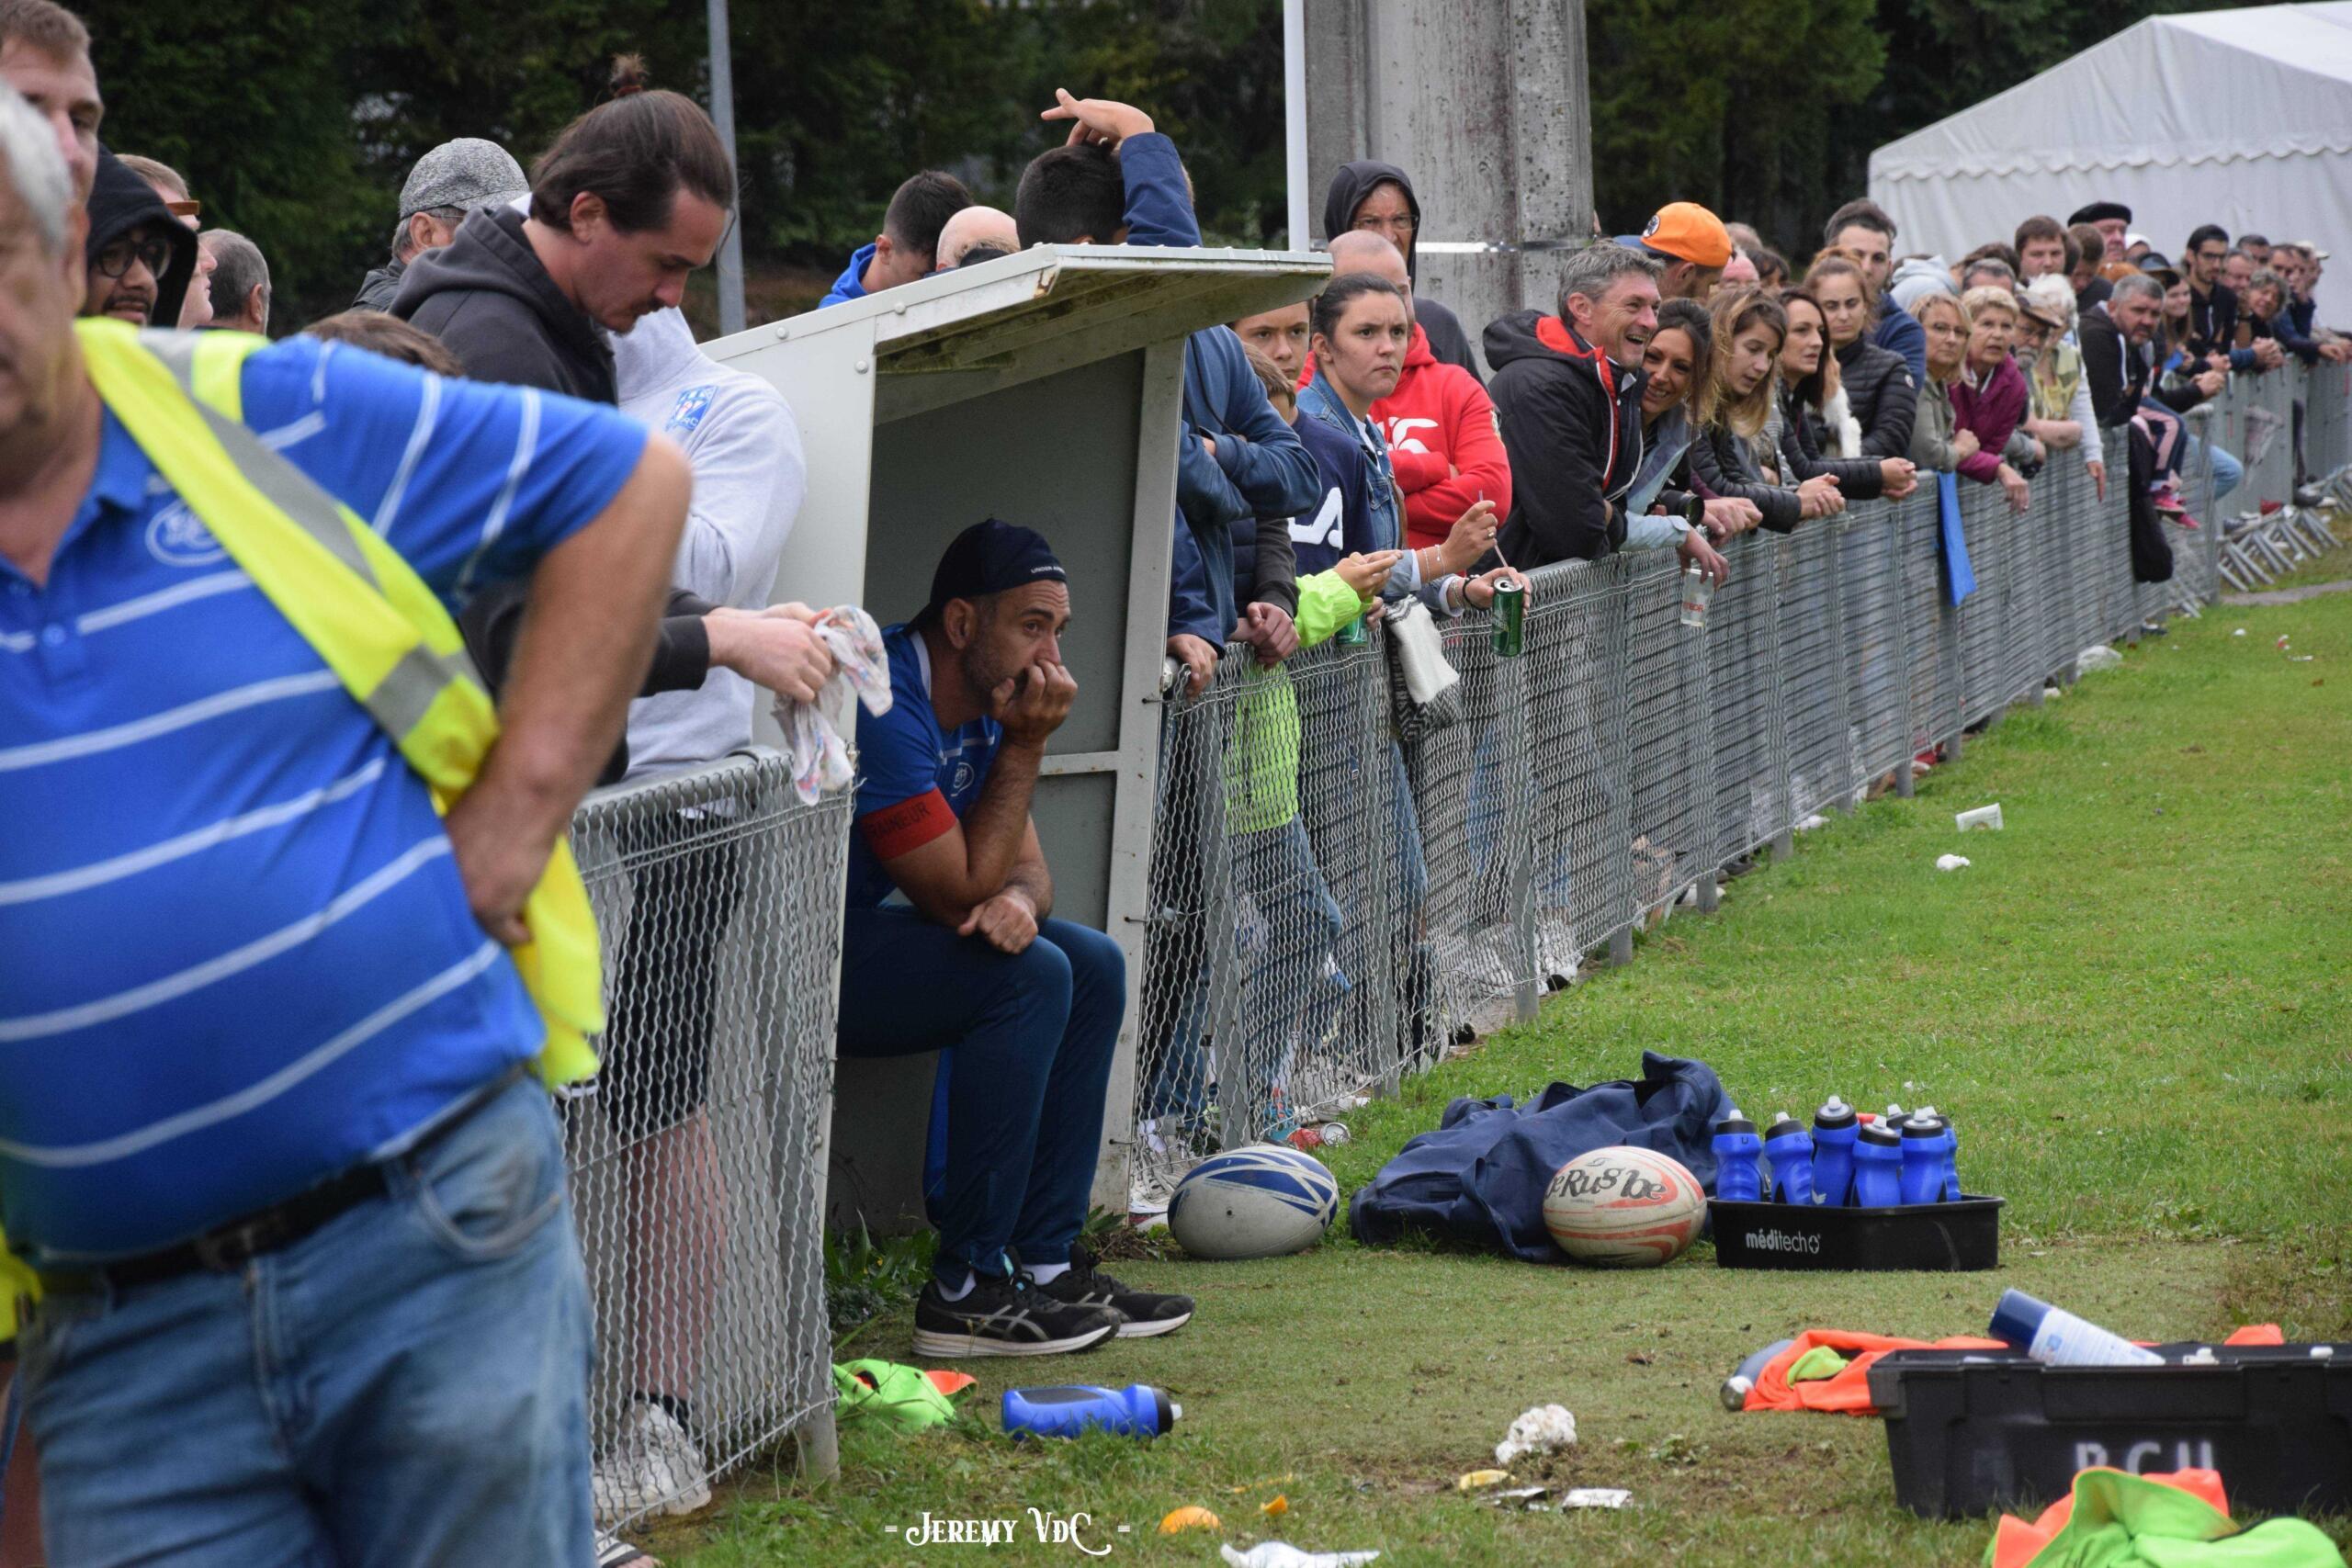 22-33 à dix minutes du terme, c'était la grise mine sur le banc uzerchois, devant les nombreux supporters venus au stade (crédit Jeremy VdC)